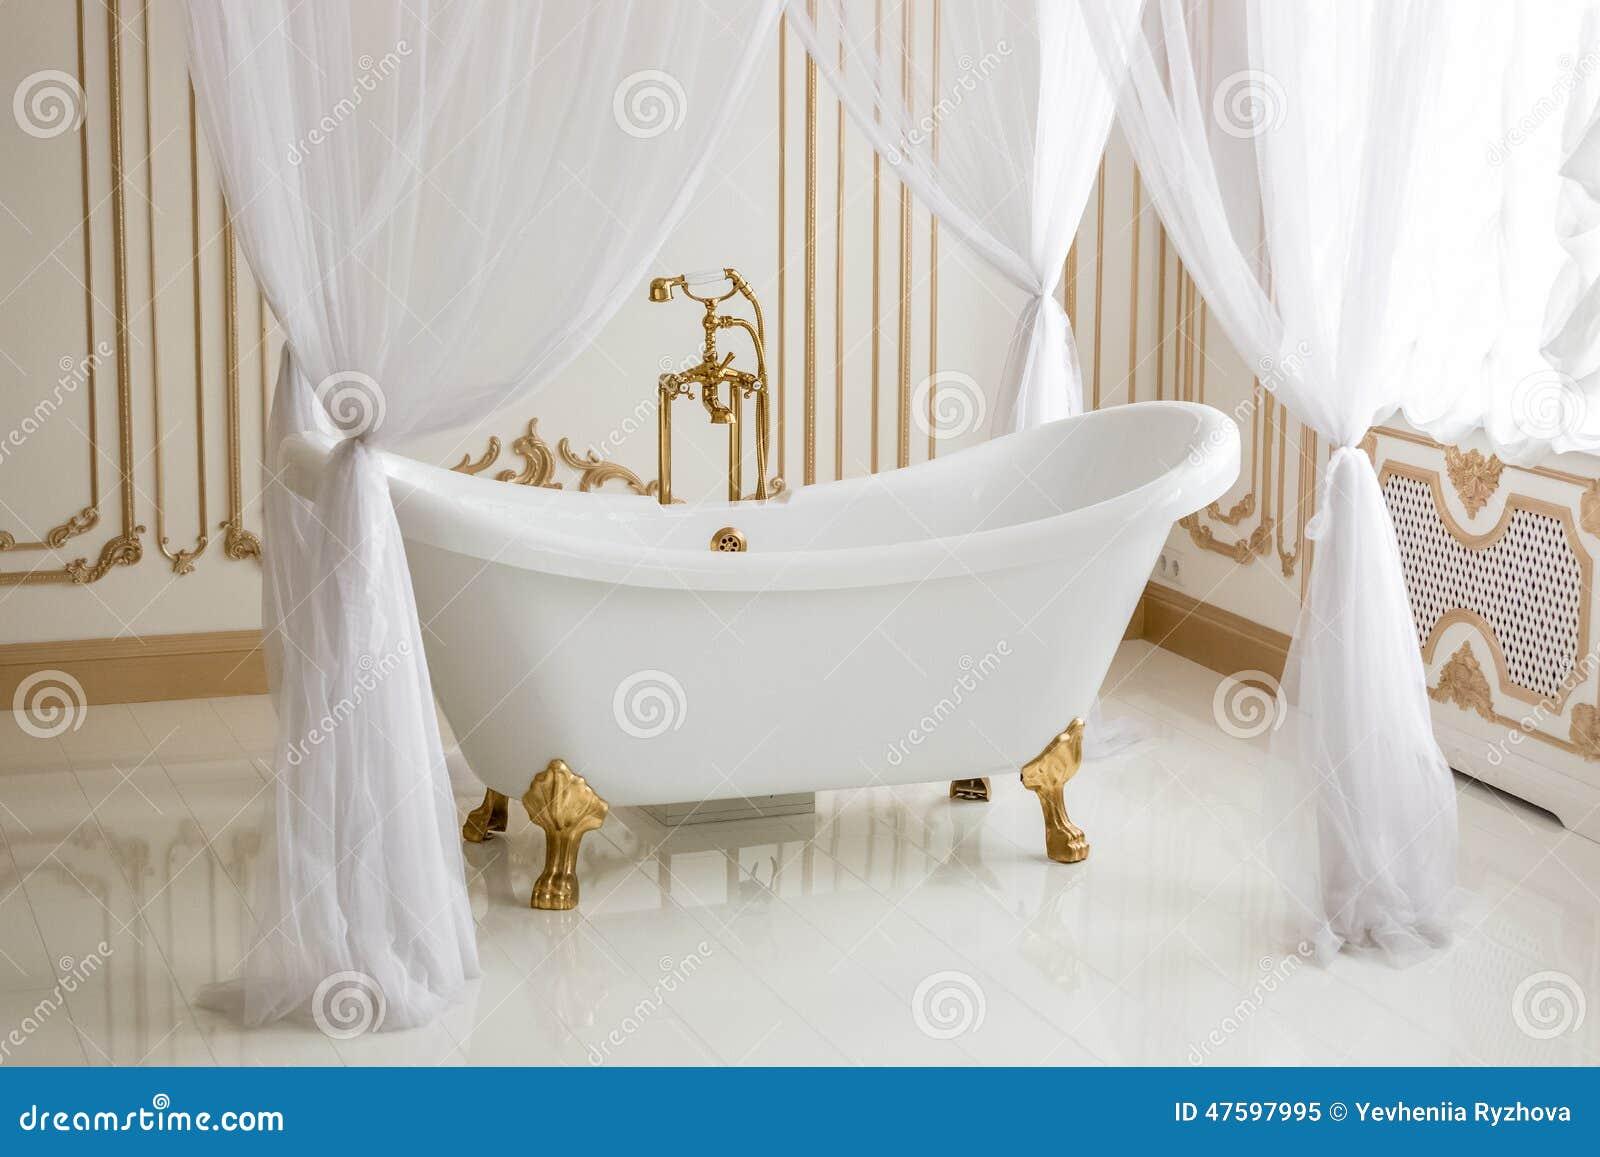 Objet Dans Salle De Bain Liste ~ bain luxueux blanc avec les jambes d or la salle de bains image